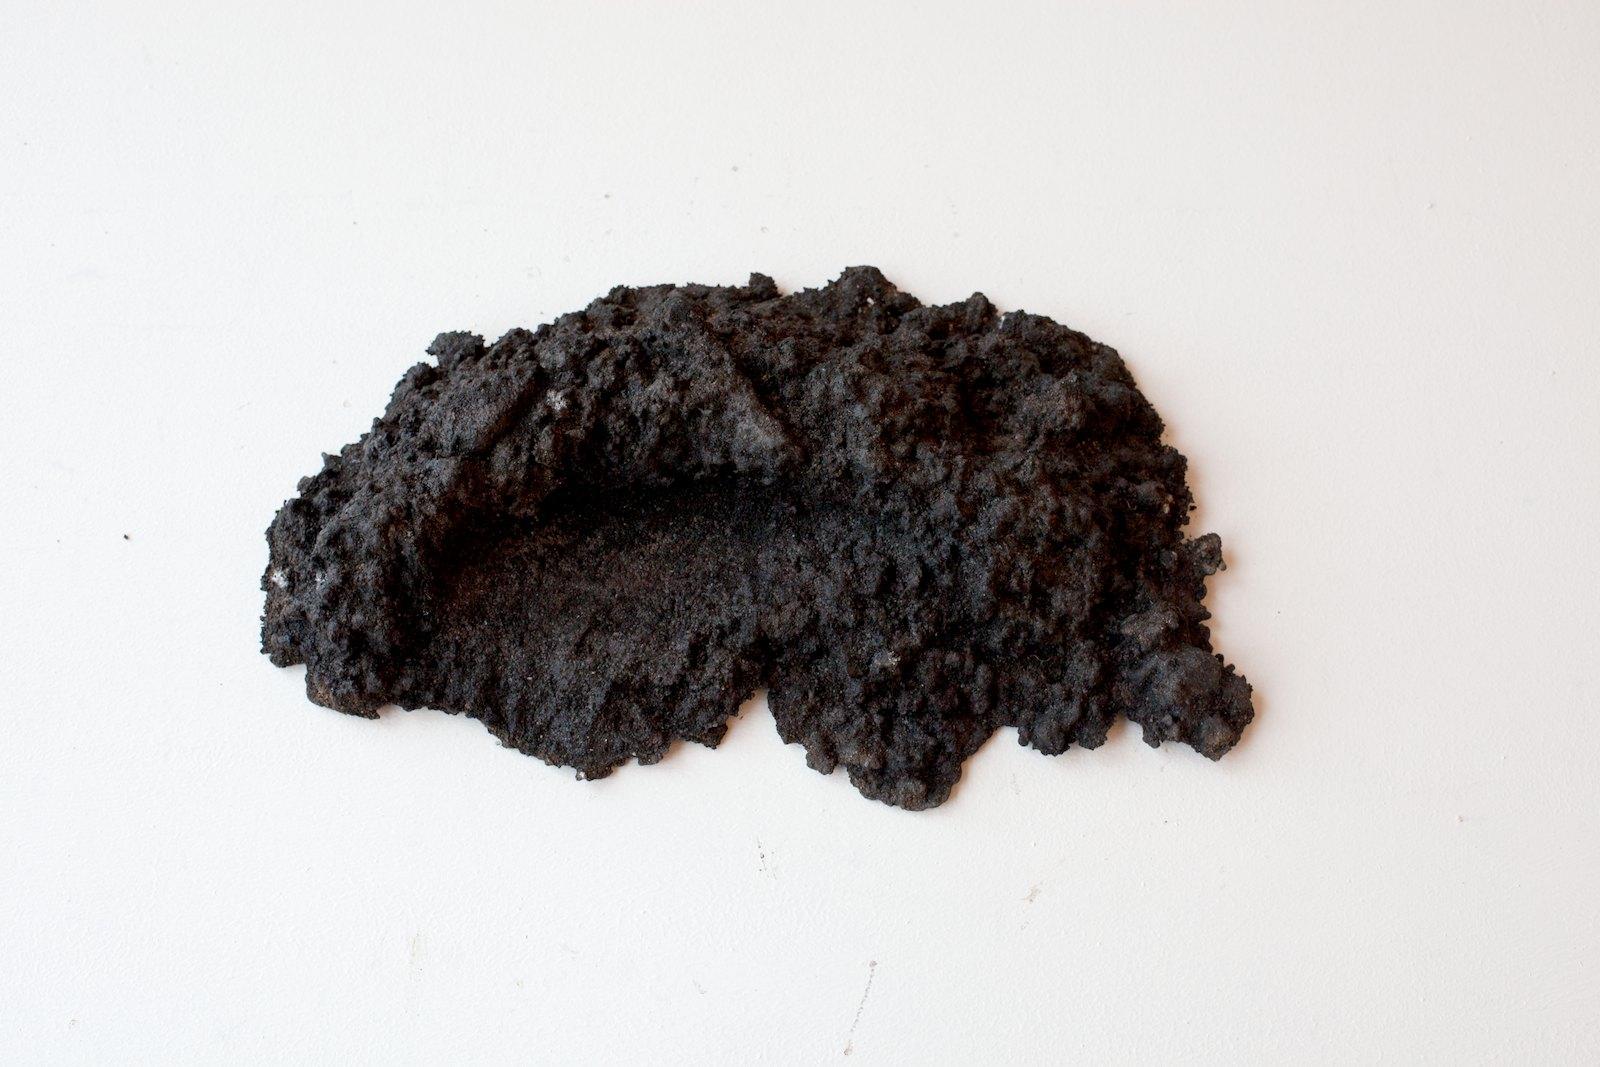 Sorkhög (Molehill) #16, 2011, 86,5 x 37 x 21,5 cm, bronze, unique